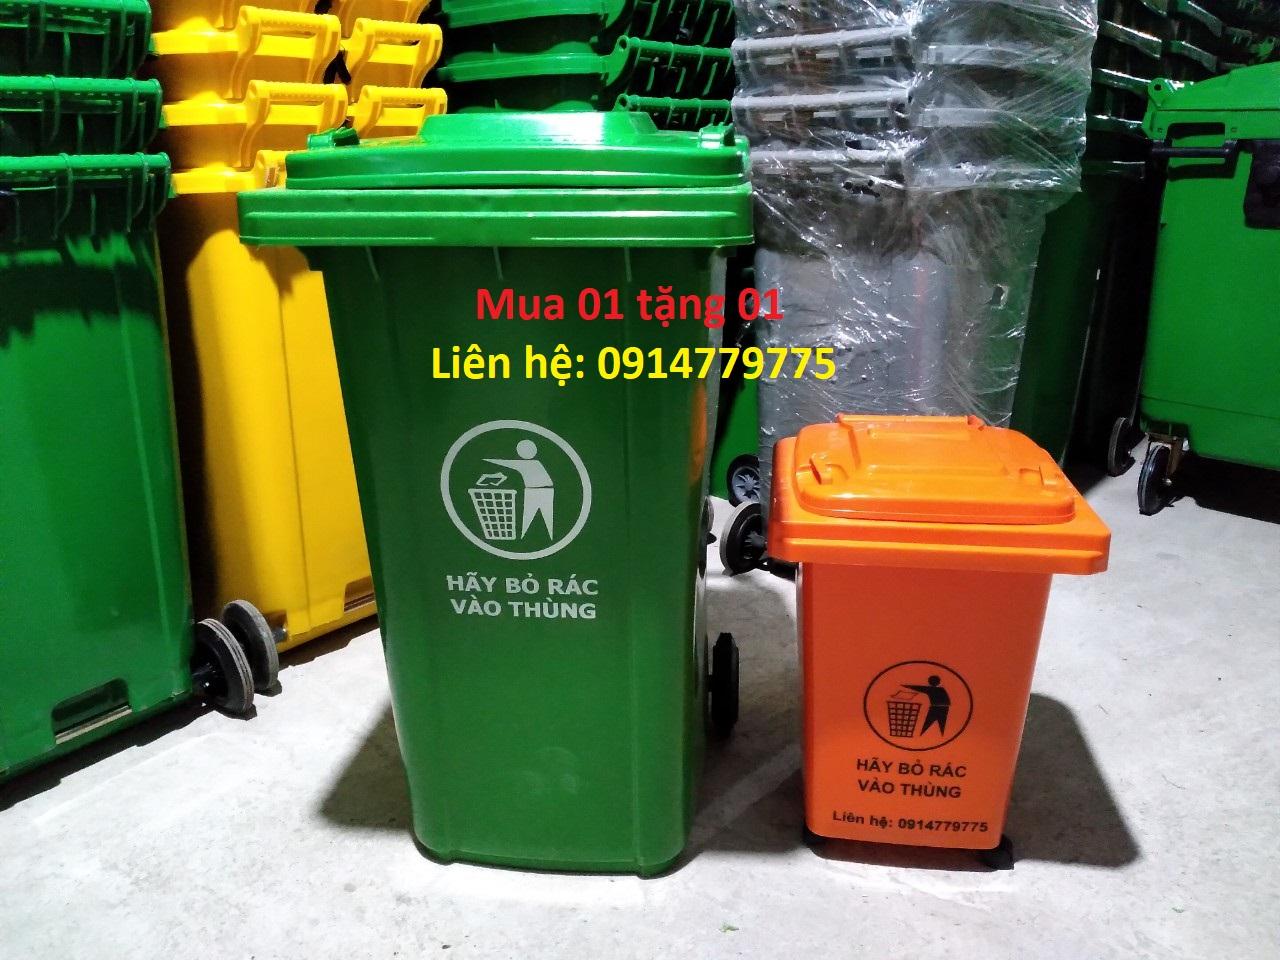 Khuyến mãi thùng rác tại Đà Nẵng